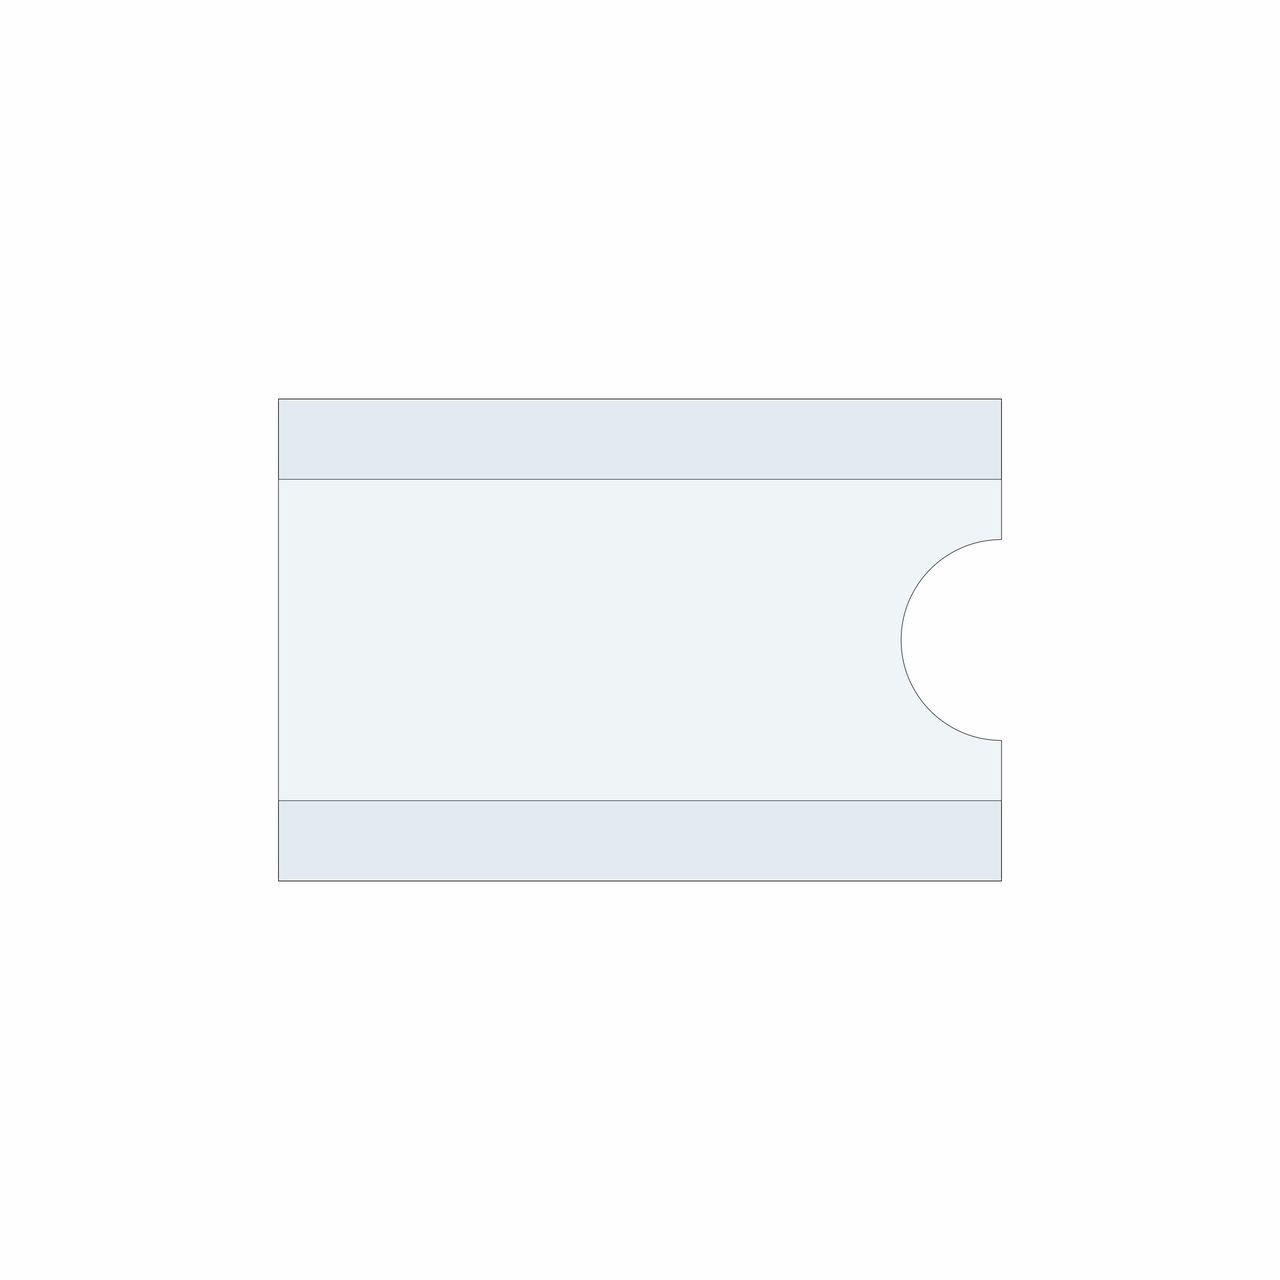 Identificador de gaveta tipo C  - Towbar Sinalização de Segurança